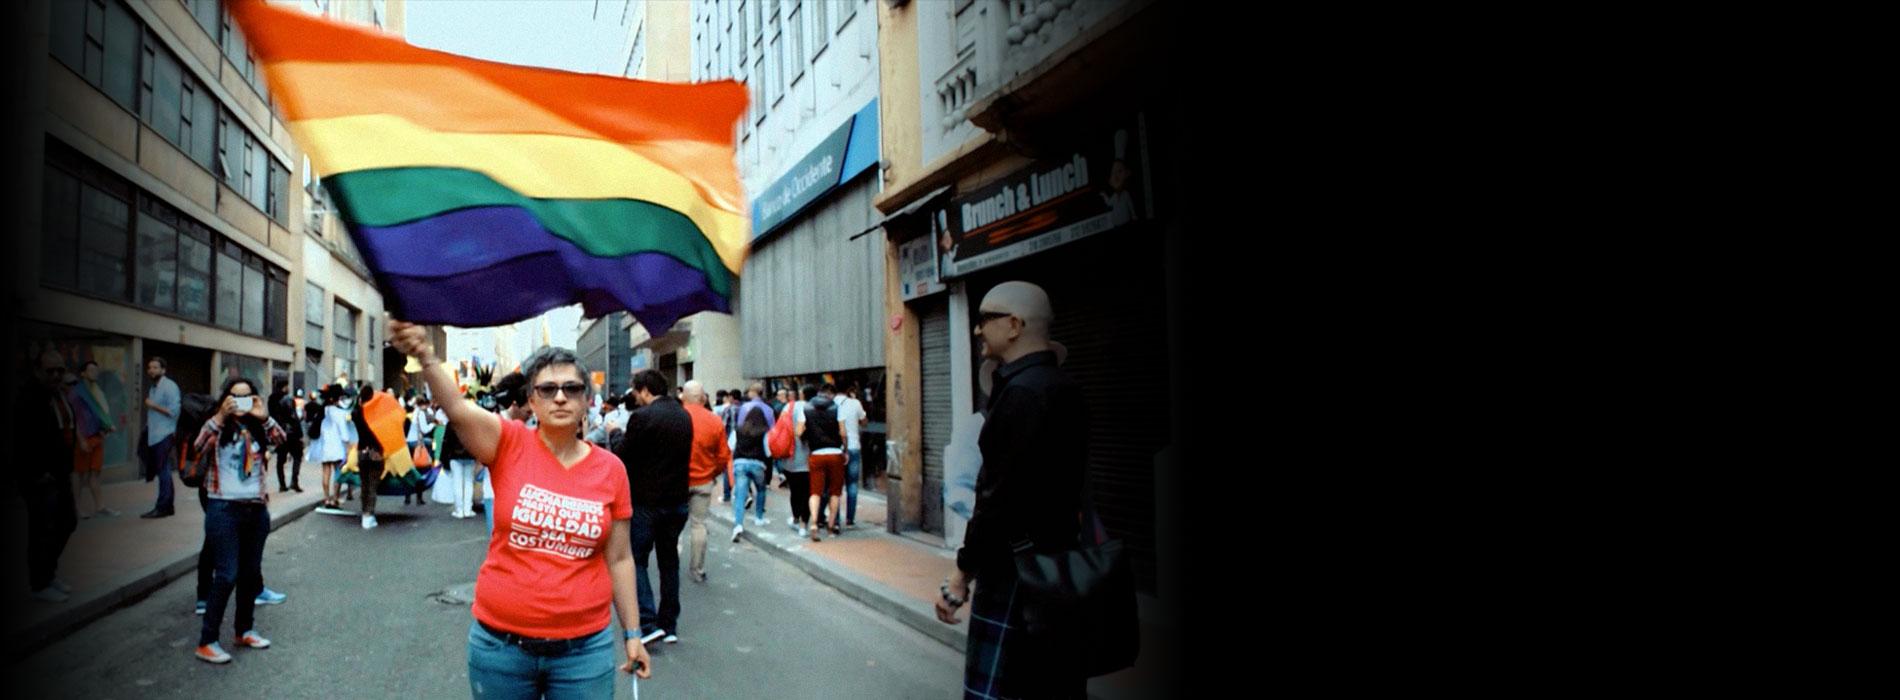 Historia de la lucha LGBT